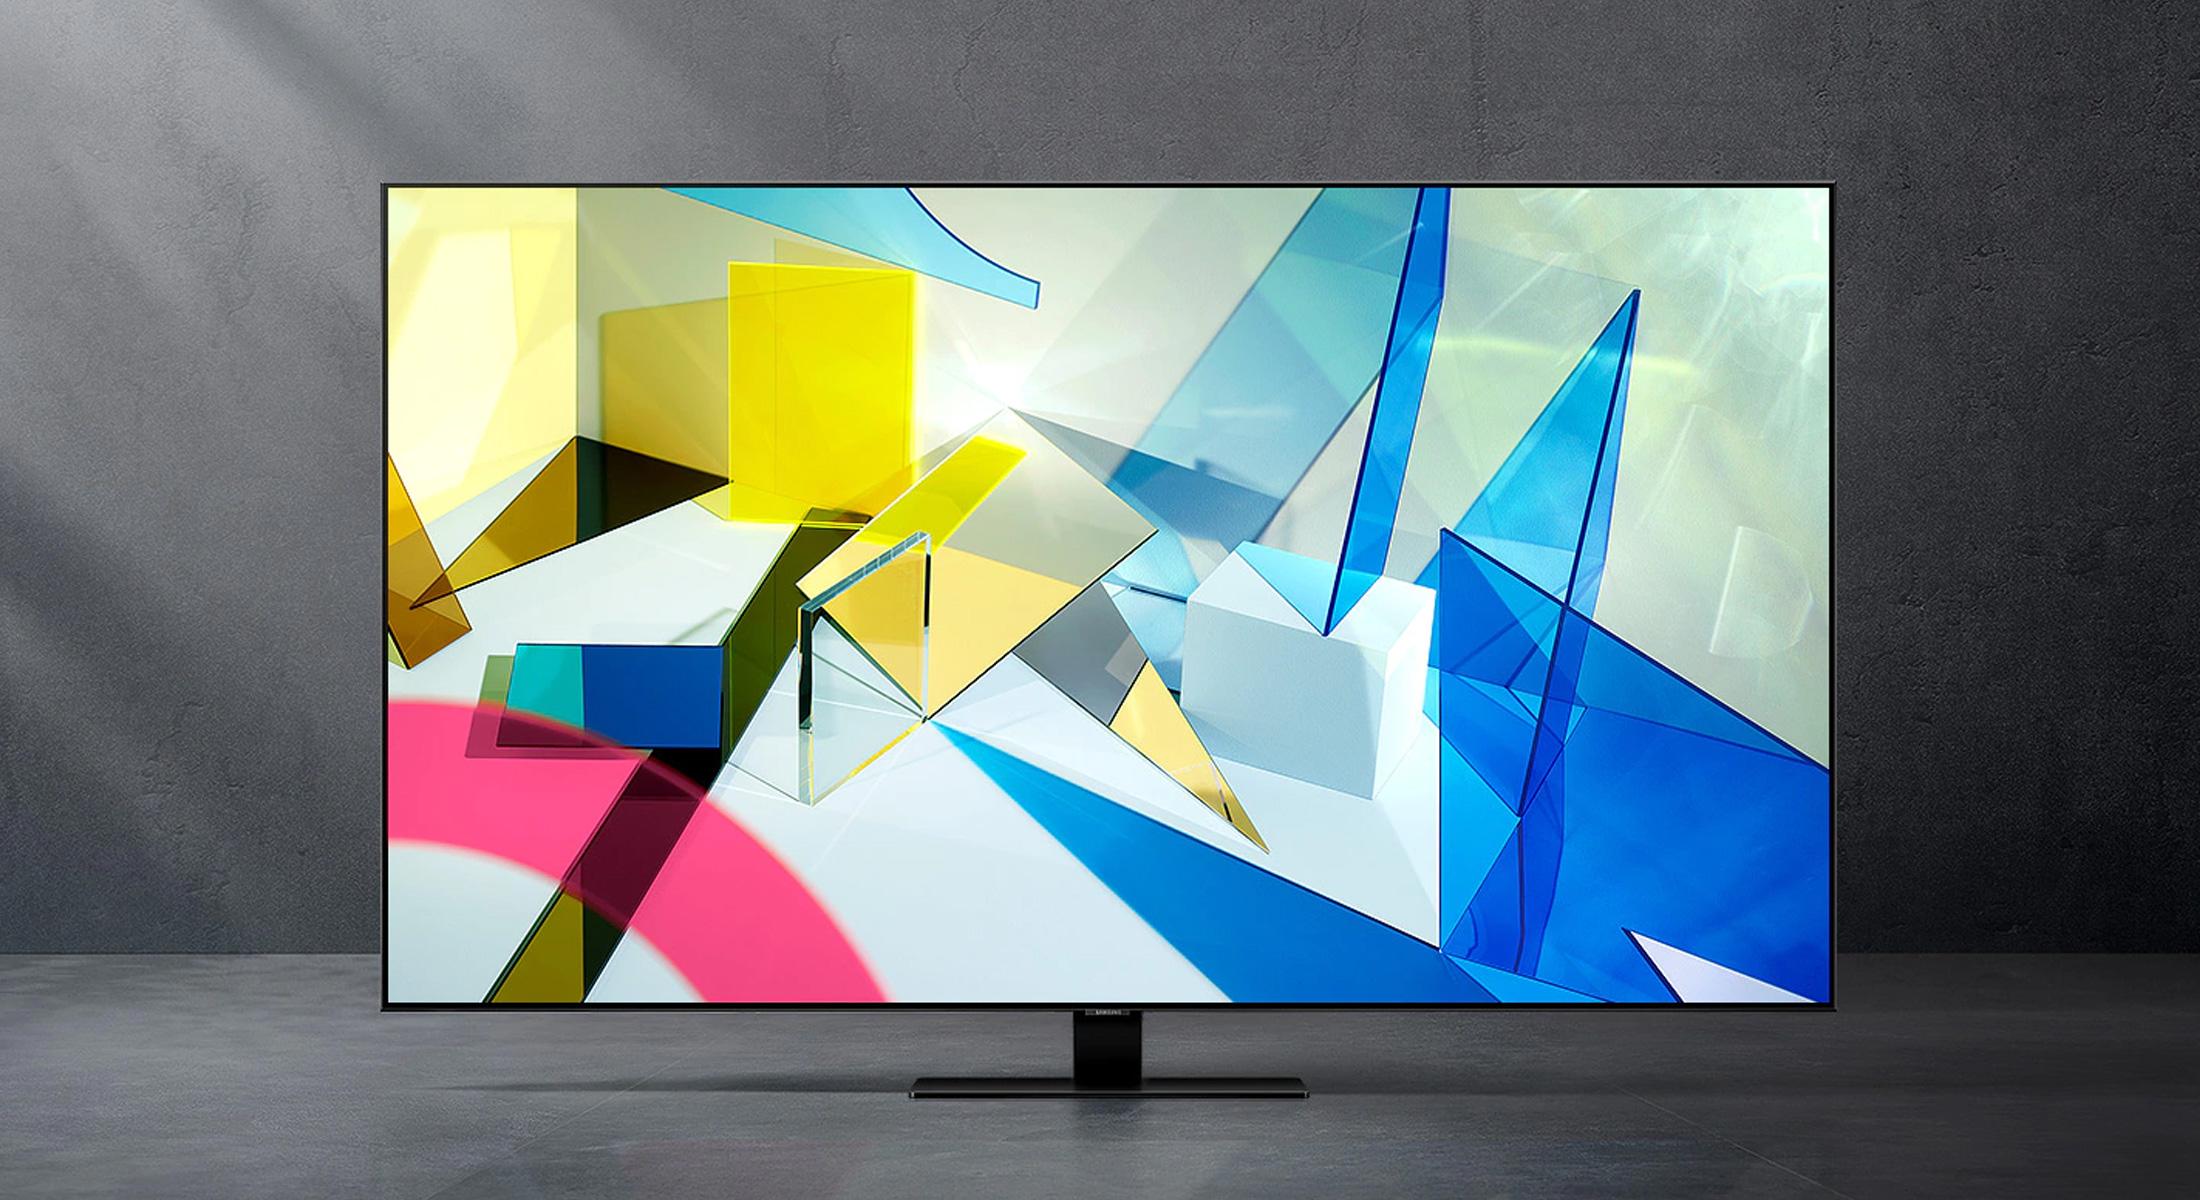 ODR et remises immédiates les meilleurs téléviseurs QLED de Samsung, de l'entrée de gamme à la 8K